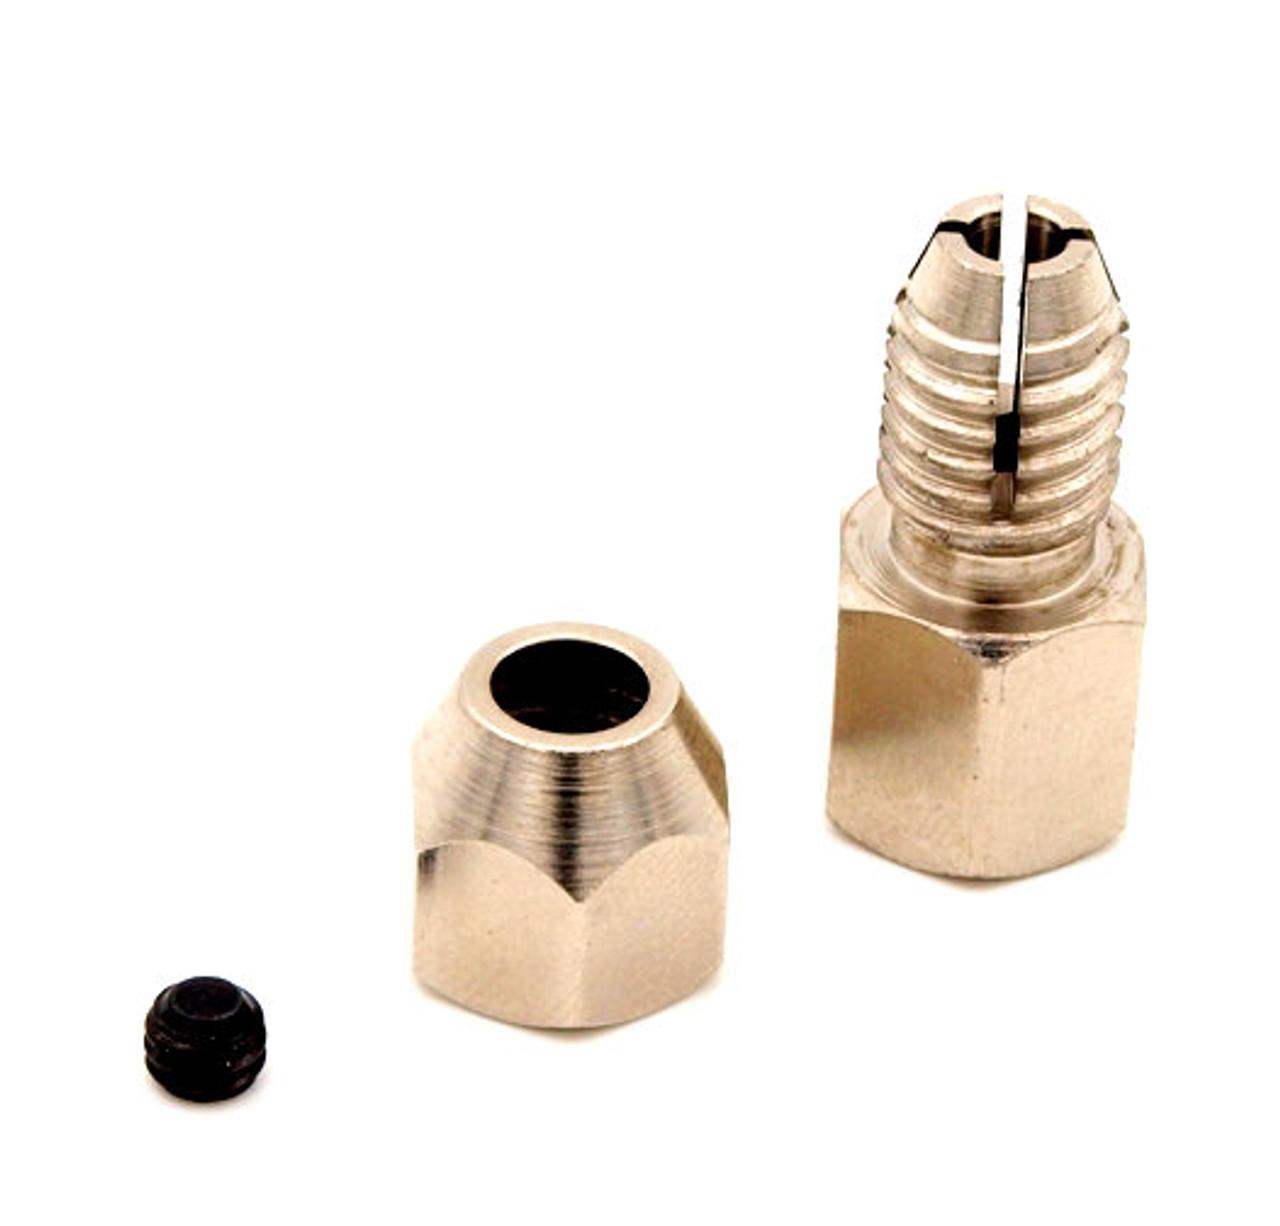 Joysway Coupler (4mm) for BL2815 Motor V2 (Bullet) 830108